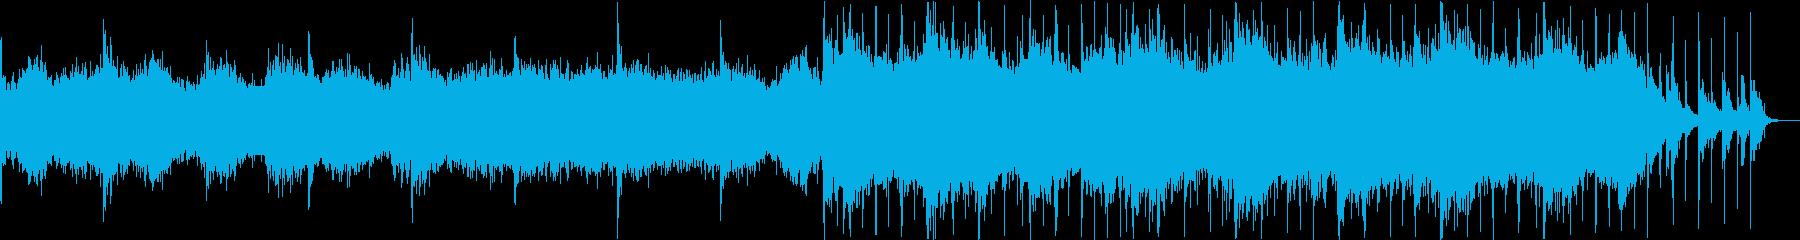 海底散歩の音楽の再生済みの波形